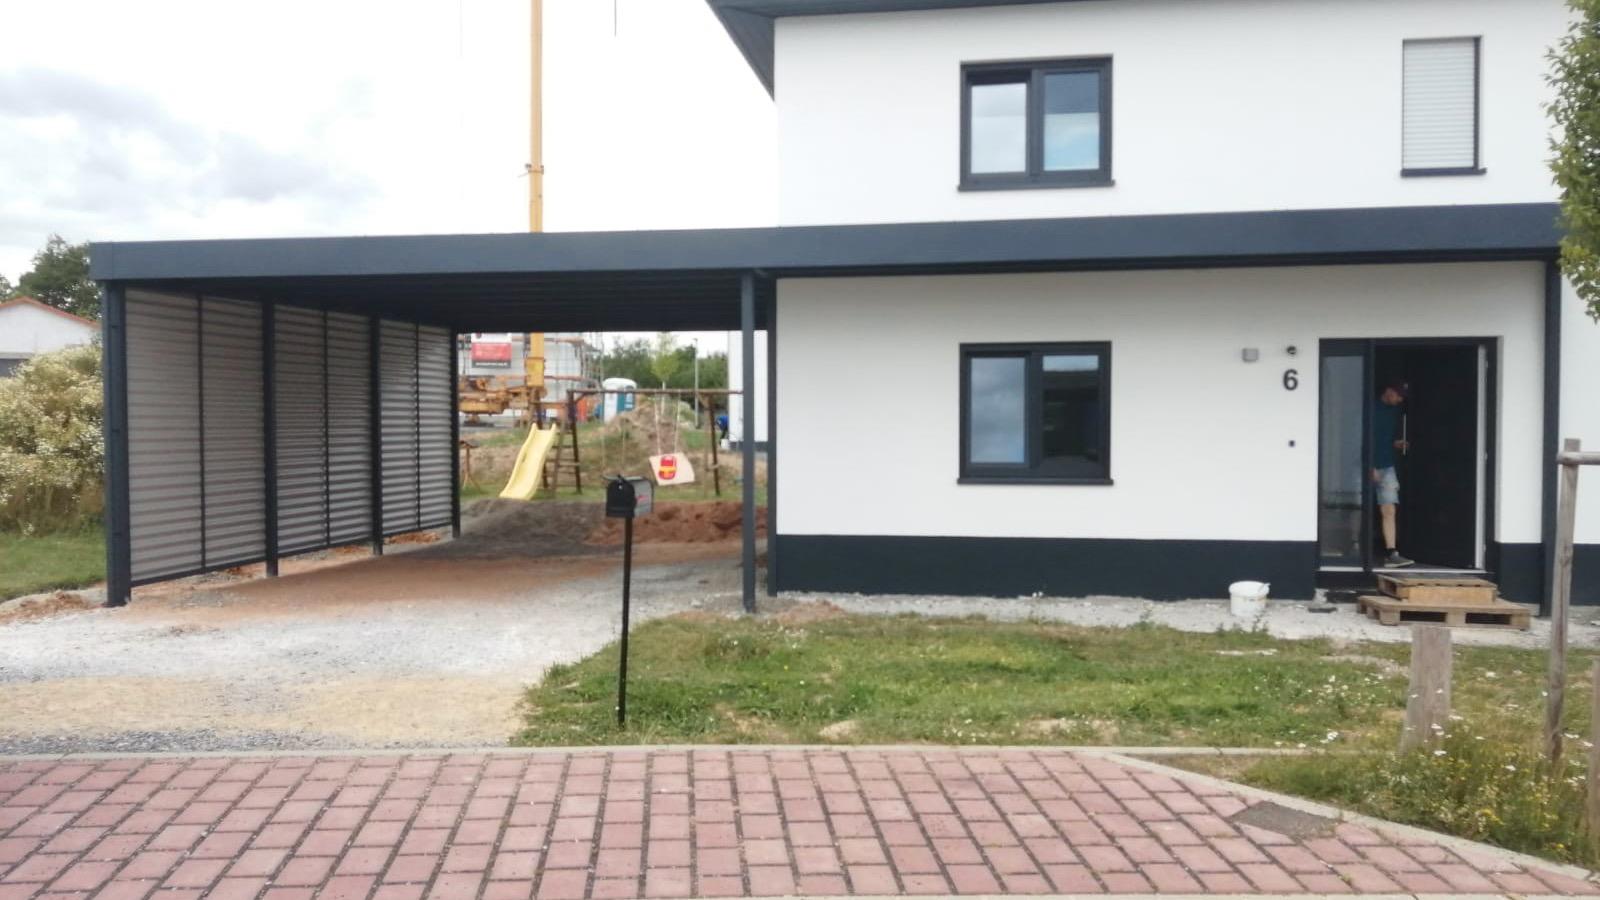 Carport mit Eingangsüberdachung - Carportmaster Projekt 20-C-2607 - 97892 Kreuzwertheim - Carportbild 03